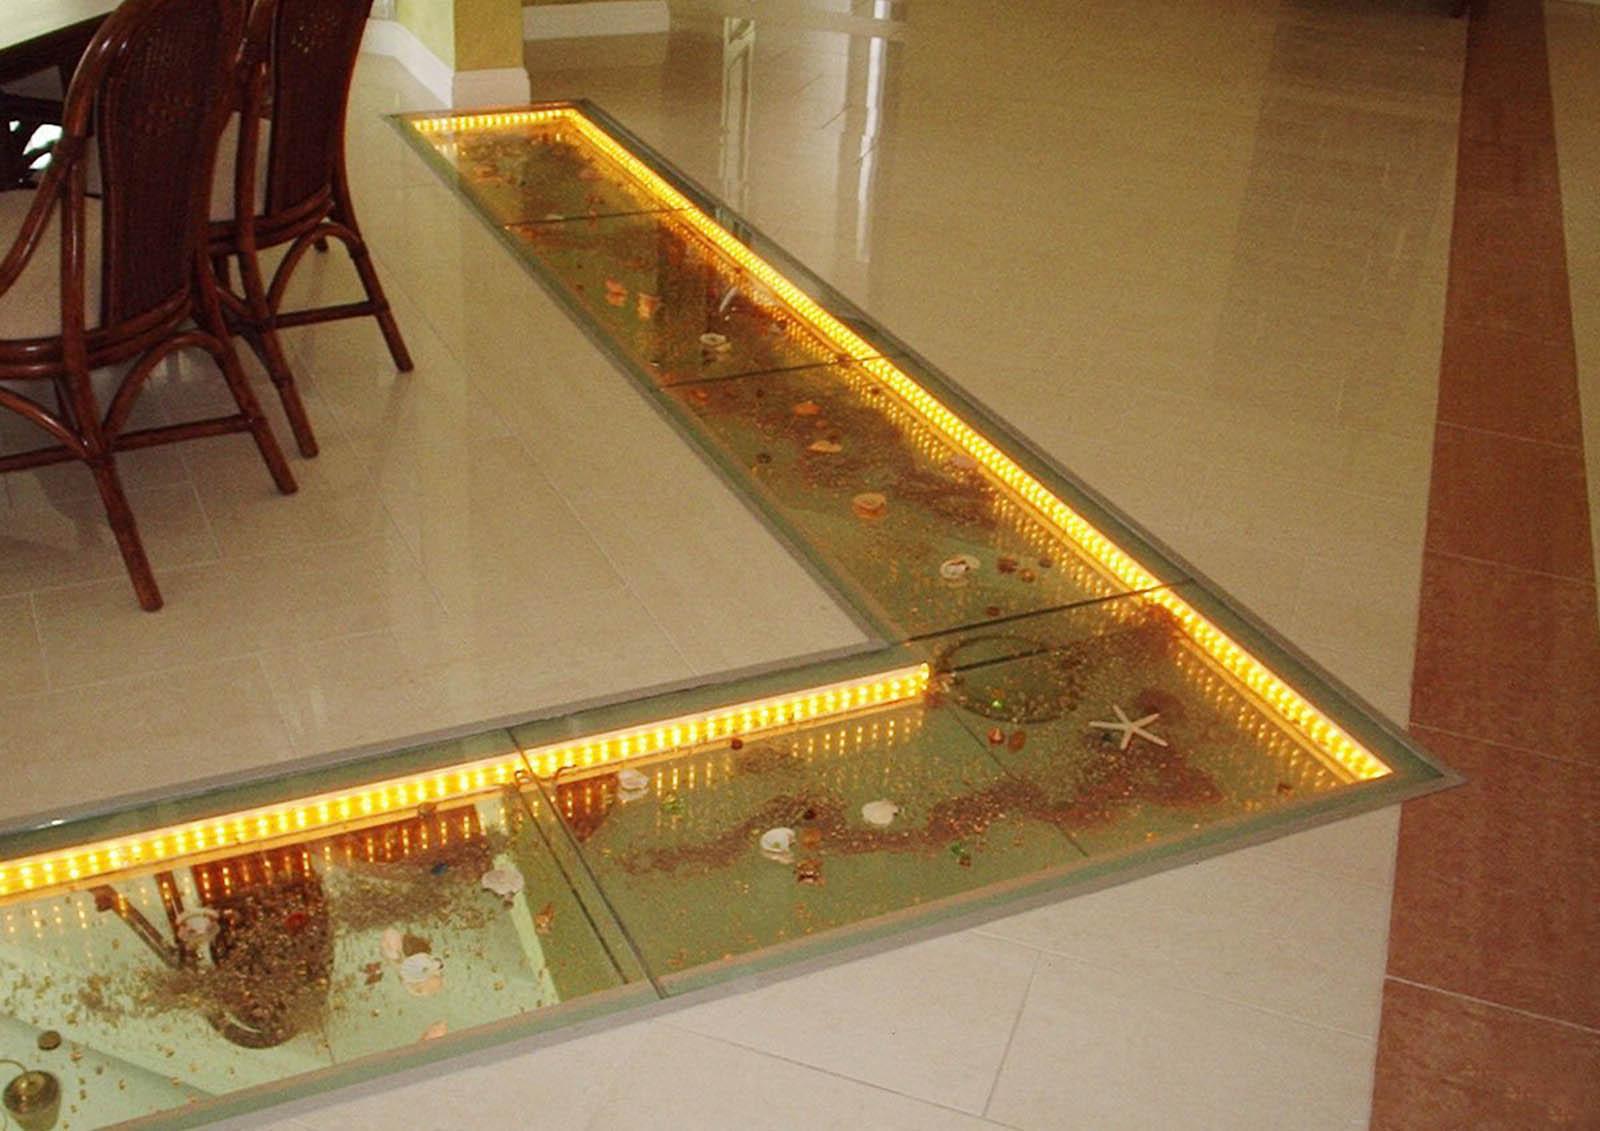 Декоративный стеклянный пол с подсветкойДекоративный стеклянный пол с подсветкой